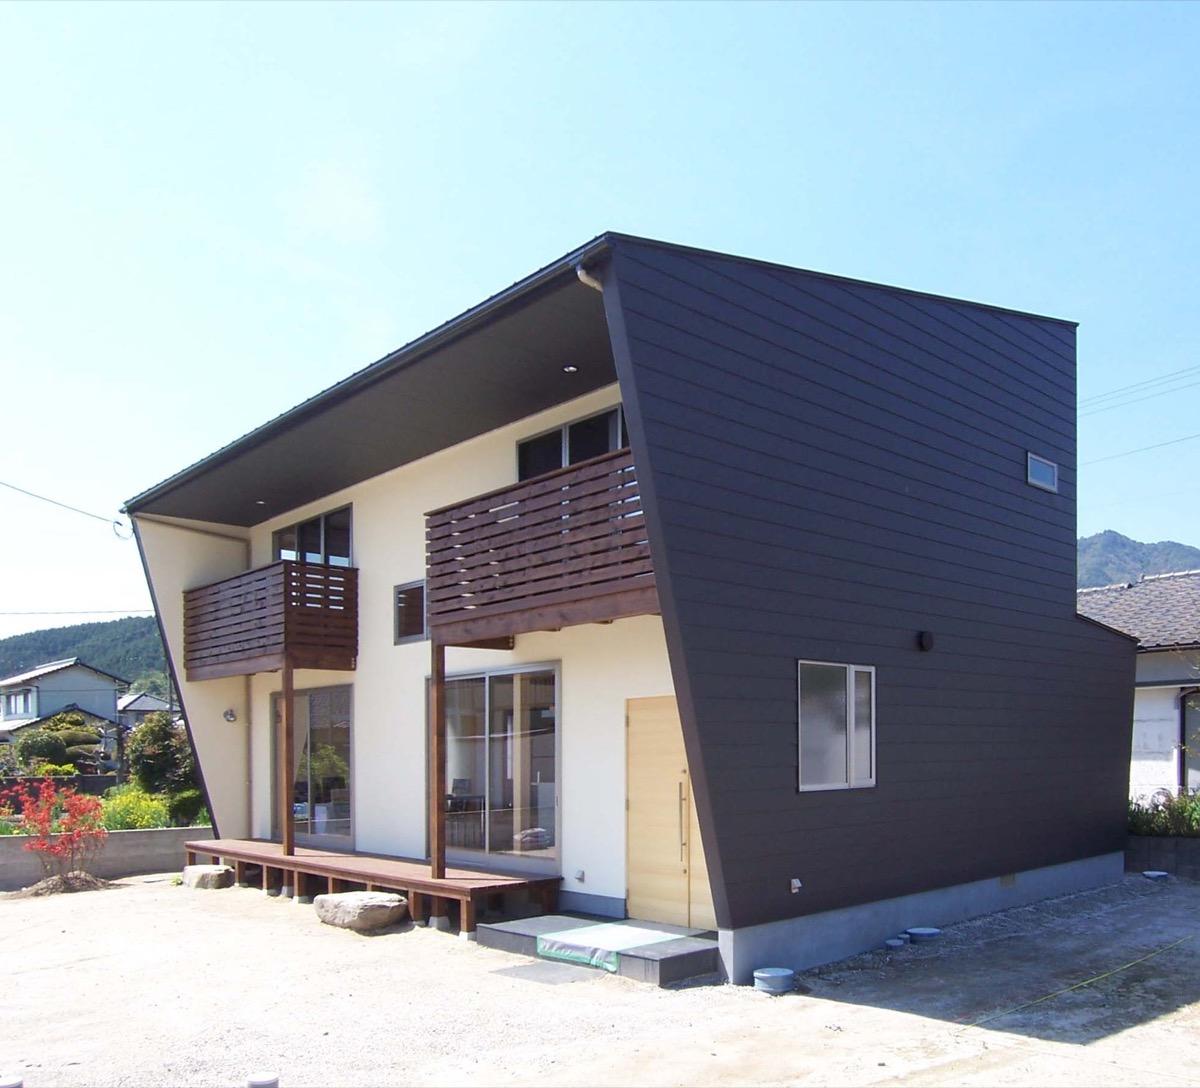 特徴的なガルバリウム性の外壁を持った家